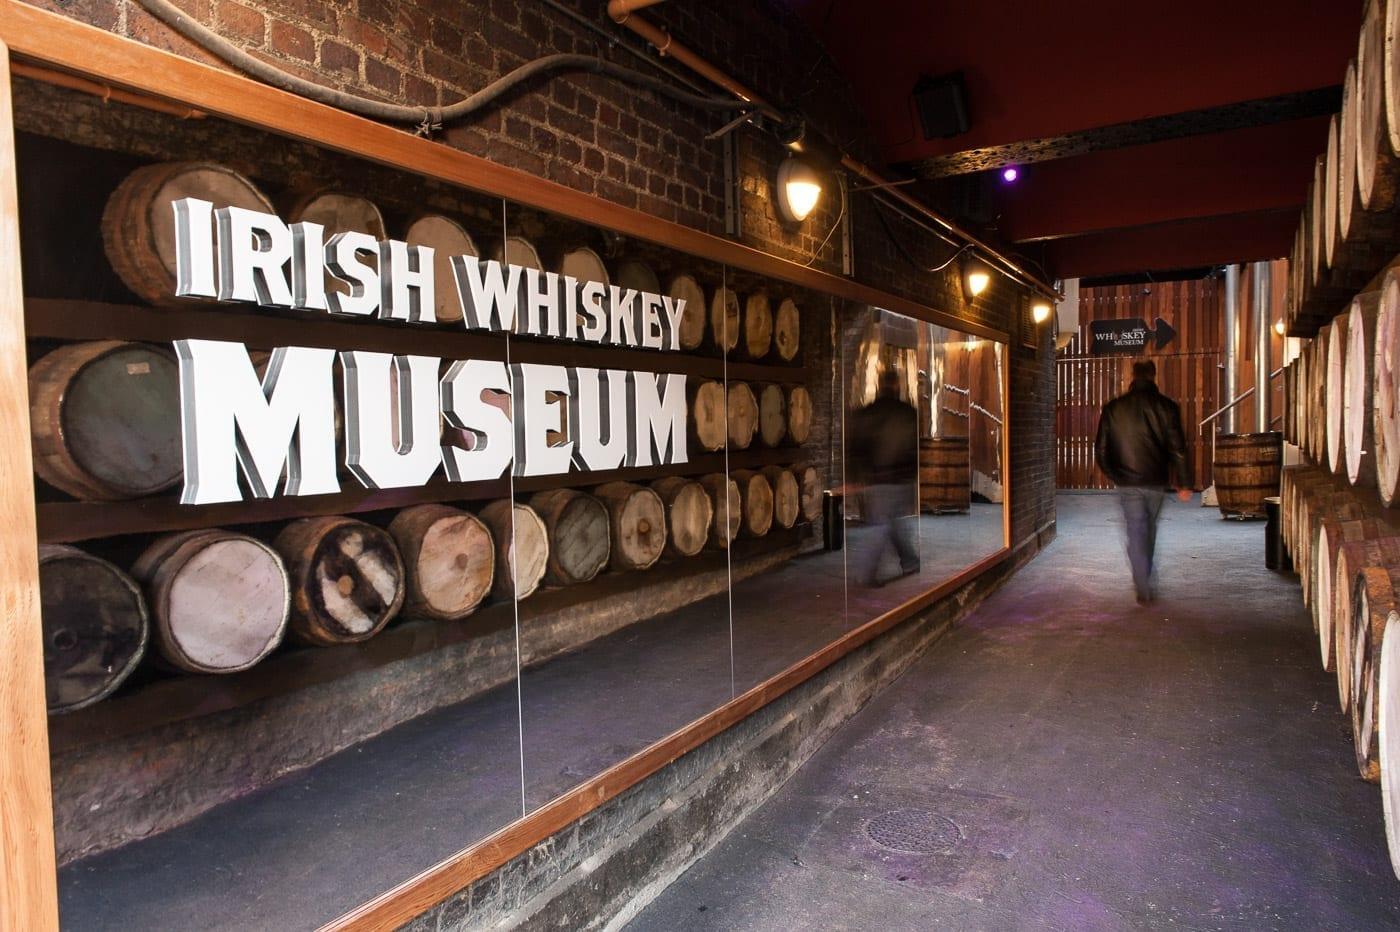 Irish Whiskey Trail - Irish Whiskey Museum